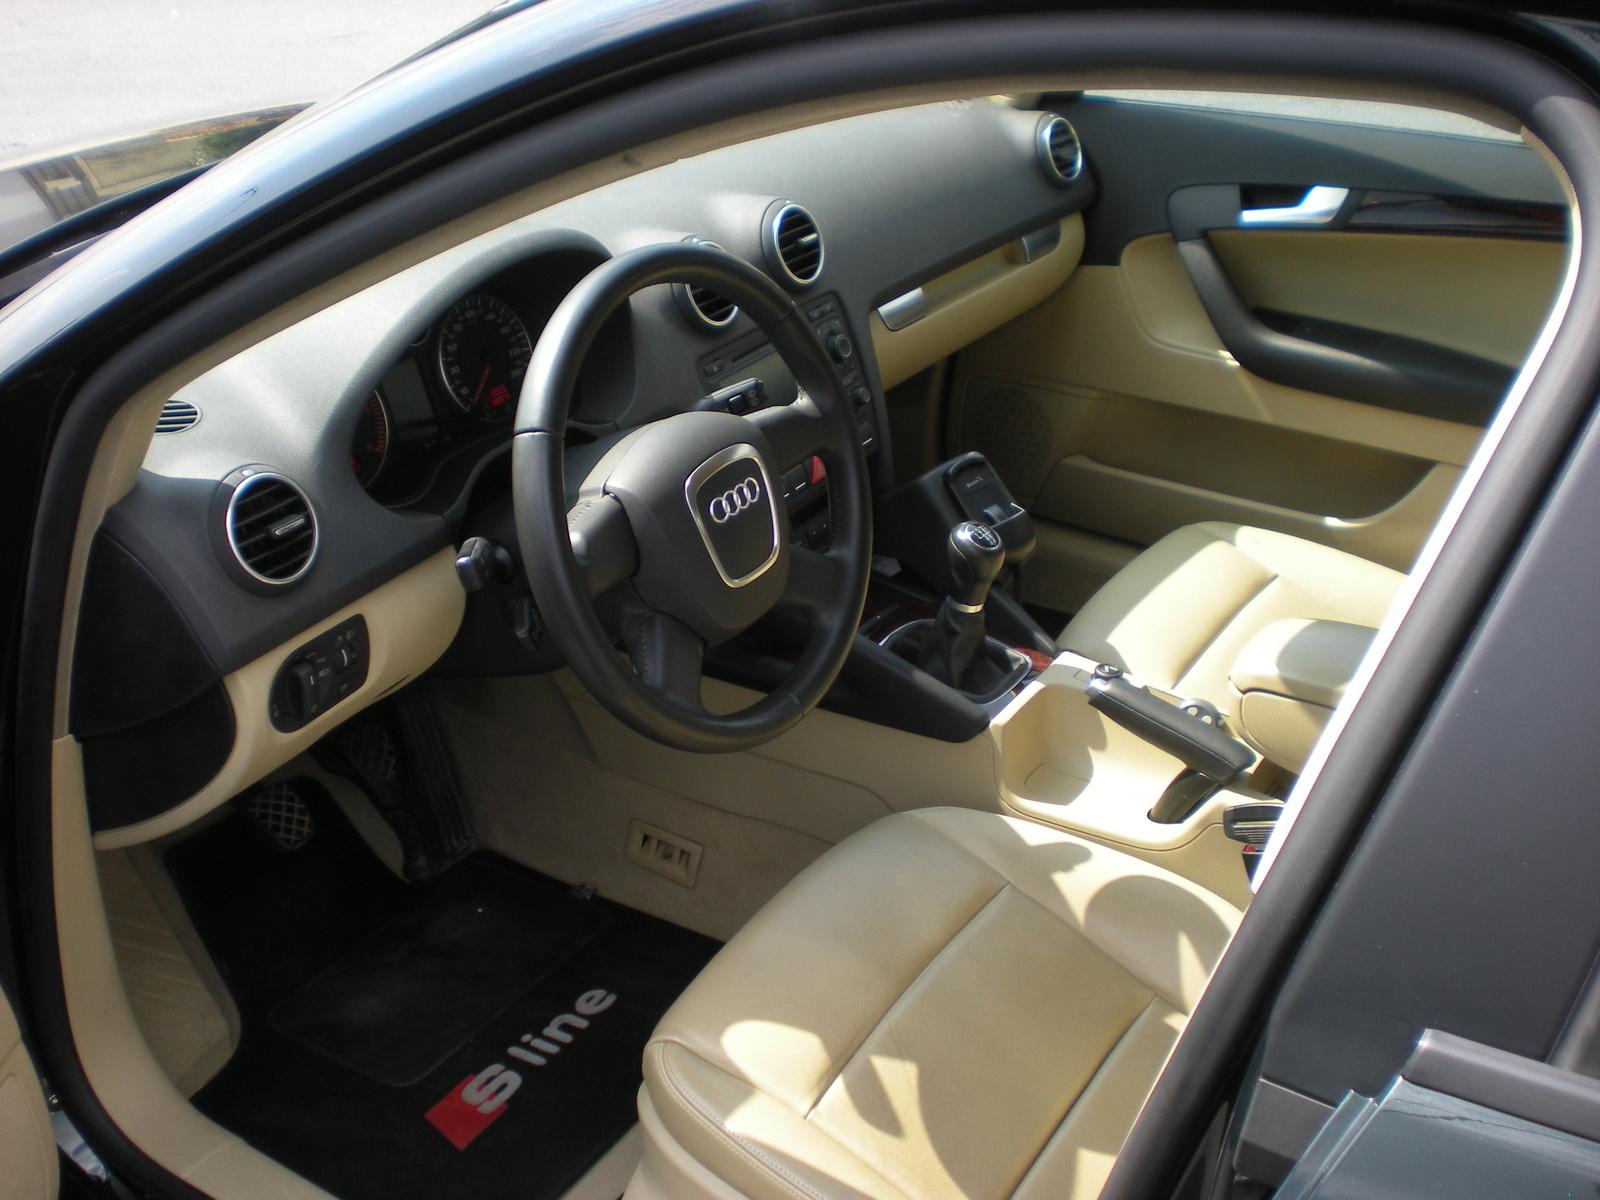 2008 Audi A3 Interior Pictures Cargurus